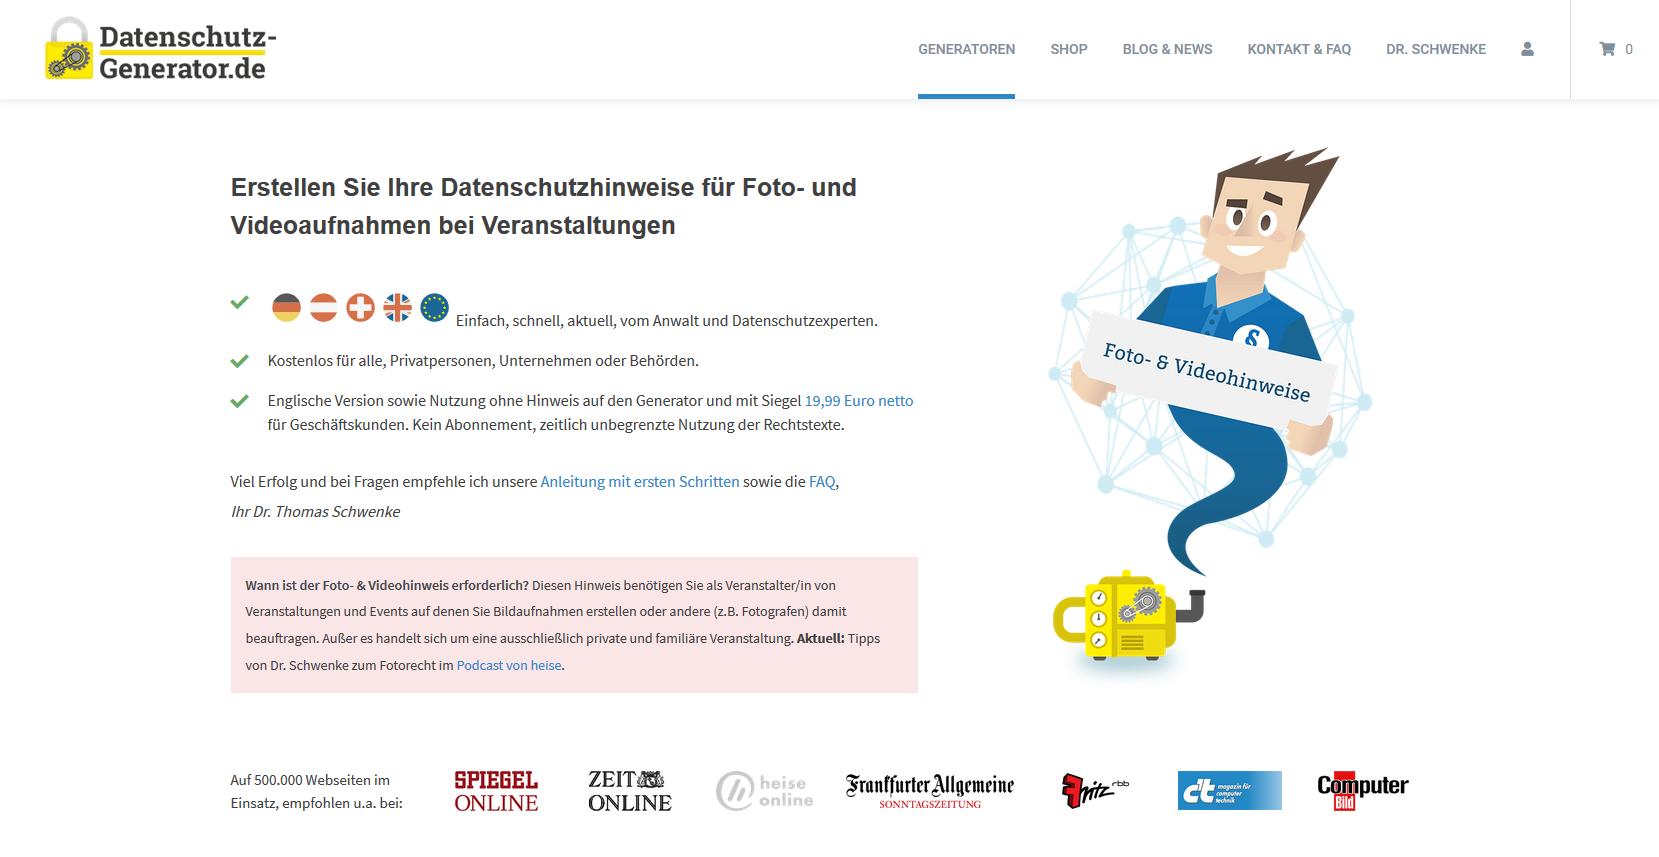 Datenschutzgenerator Dr. Schwenke - Foto: Screenshot datenschutz-generator.de